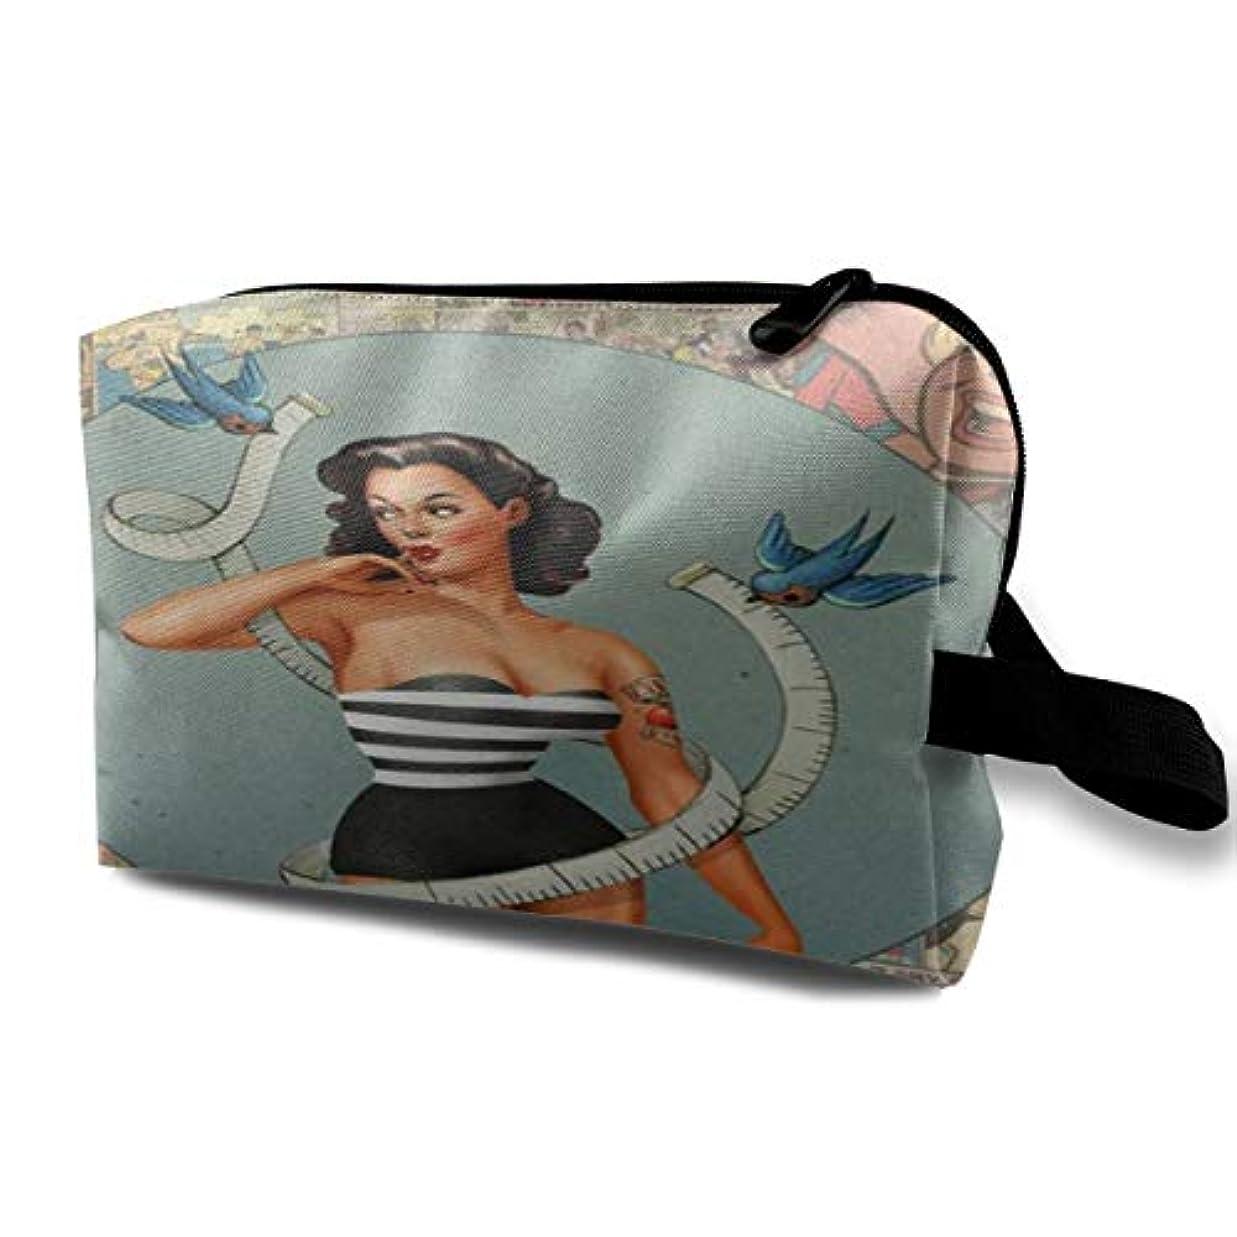 海藻矢一目Pin-Up Girl 収納ポーチ 化粧ポーチ 大容量 軽量 耐久性 ハンドル付持ち運び便利。入れ 自宅・出張・旅行・アウトドア撮影などに対応。メンズ レディース トラベルグッズ